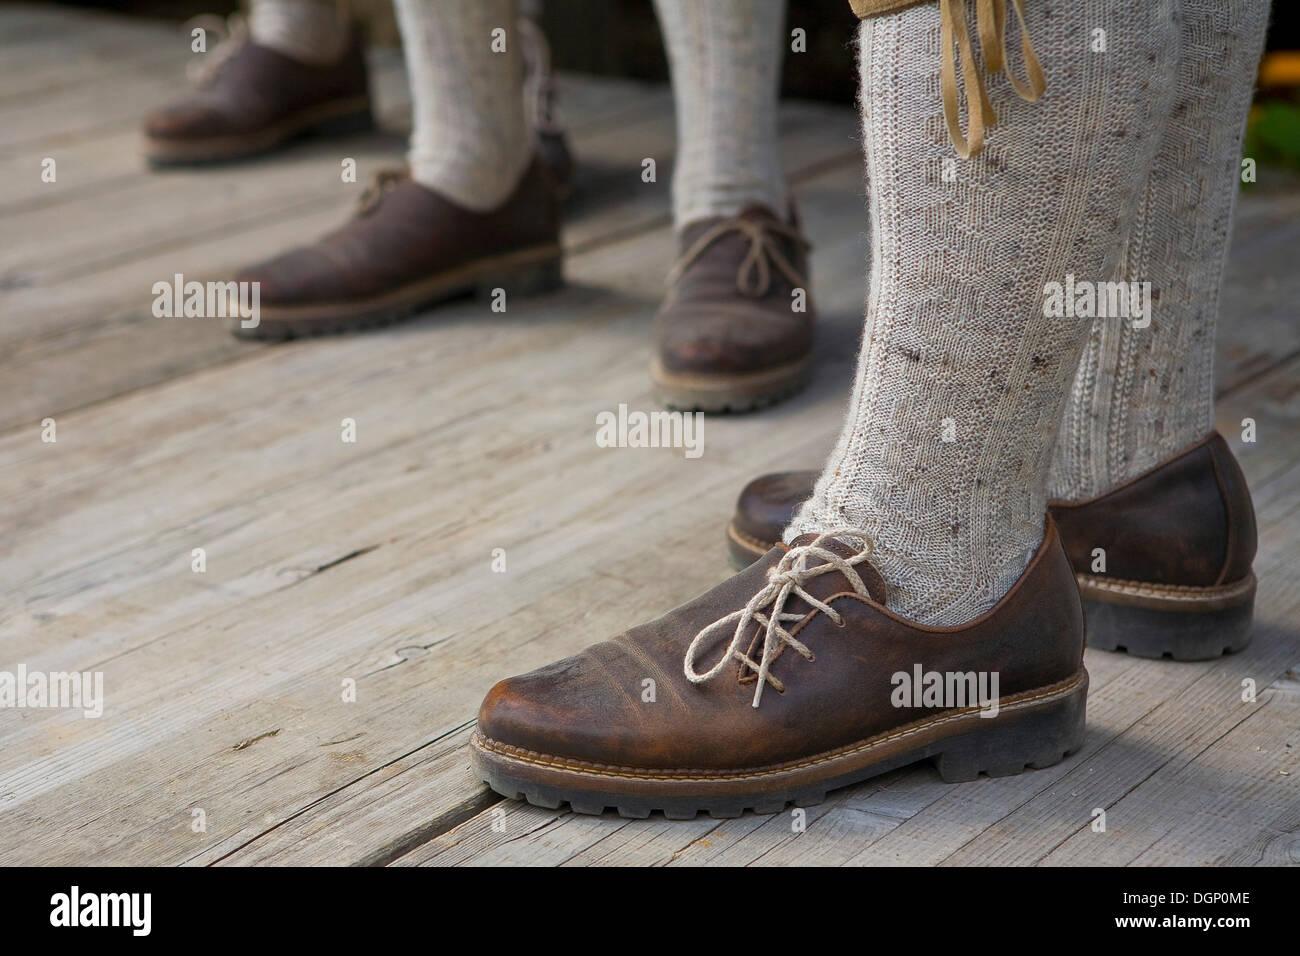 Costume traditionnel tyrolien, détail des pieds, dans le Tyrol du Sud, Italie, Europe Photo Stock